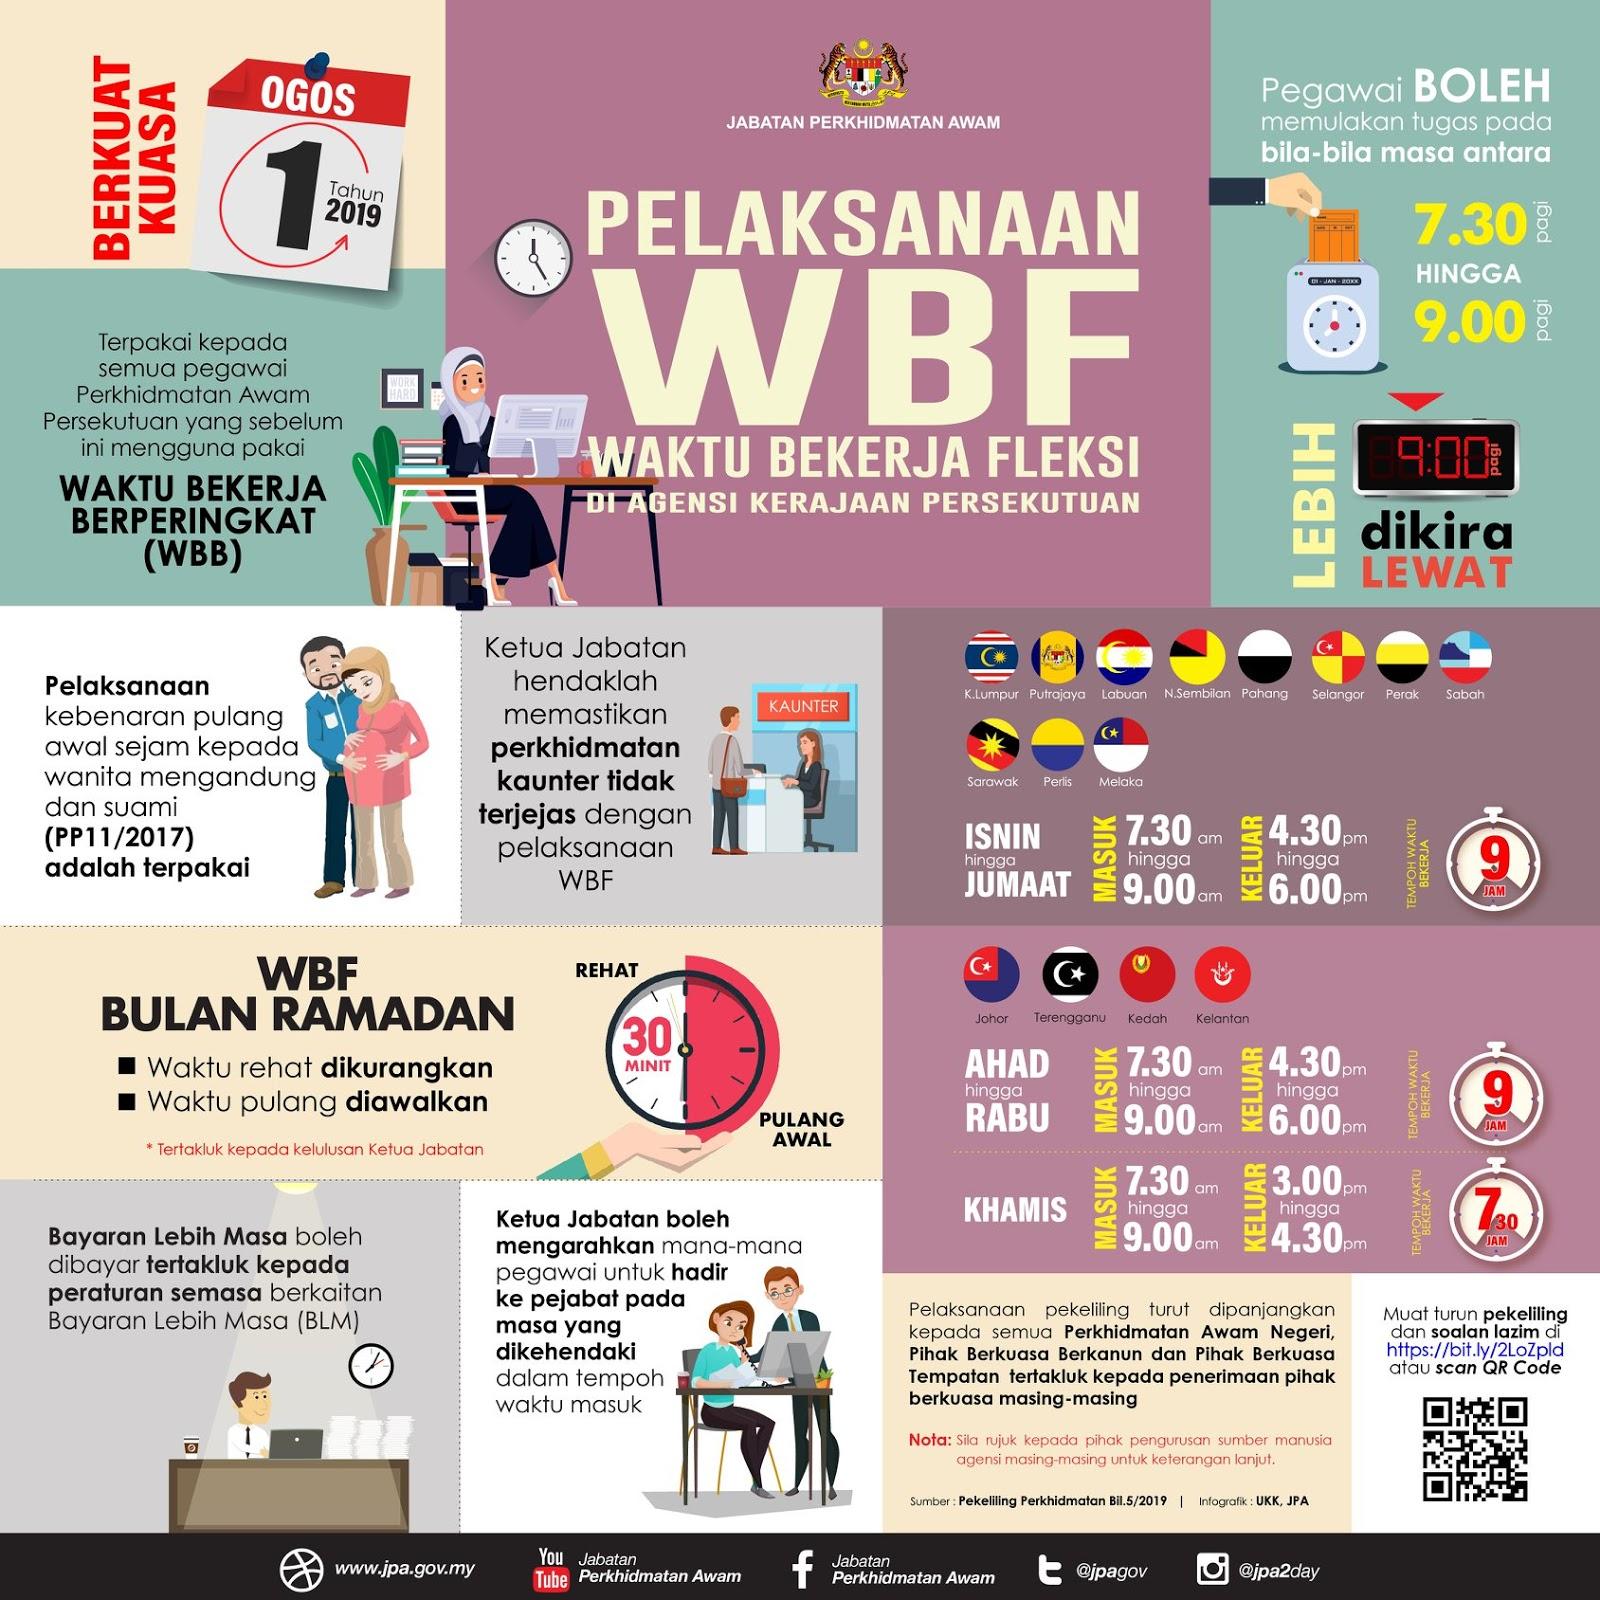 Waktu Bekerja Fleksi Wbf Di Agensi Kerajaan Persekutuan Pekeliling Perkhidmatan Bilangan 5 Tahun 2019 Layanlah Berita Terkini Tips Berguna Maklumat